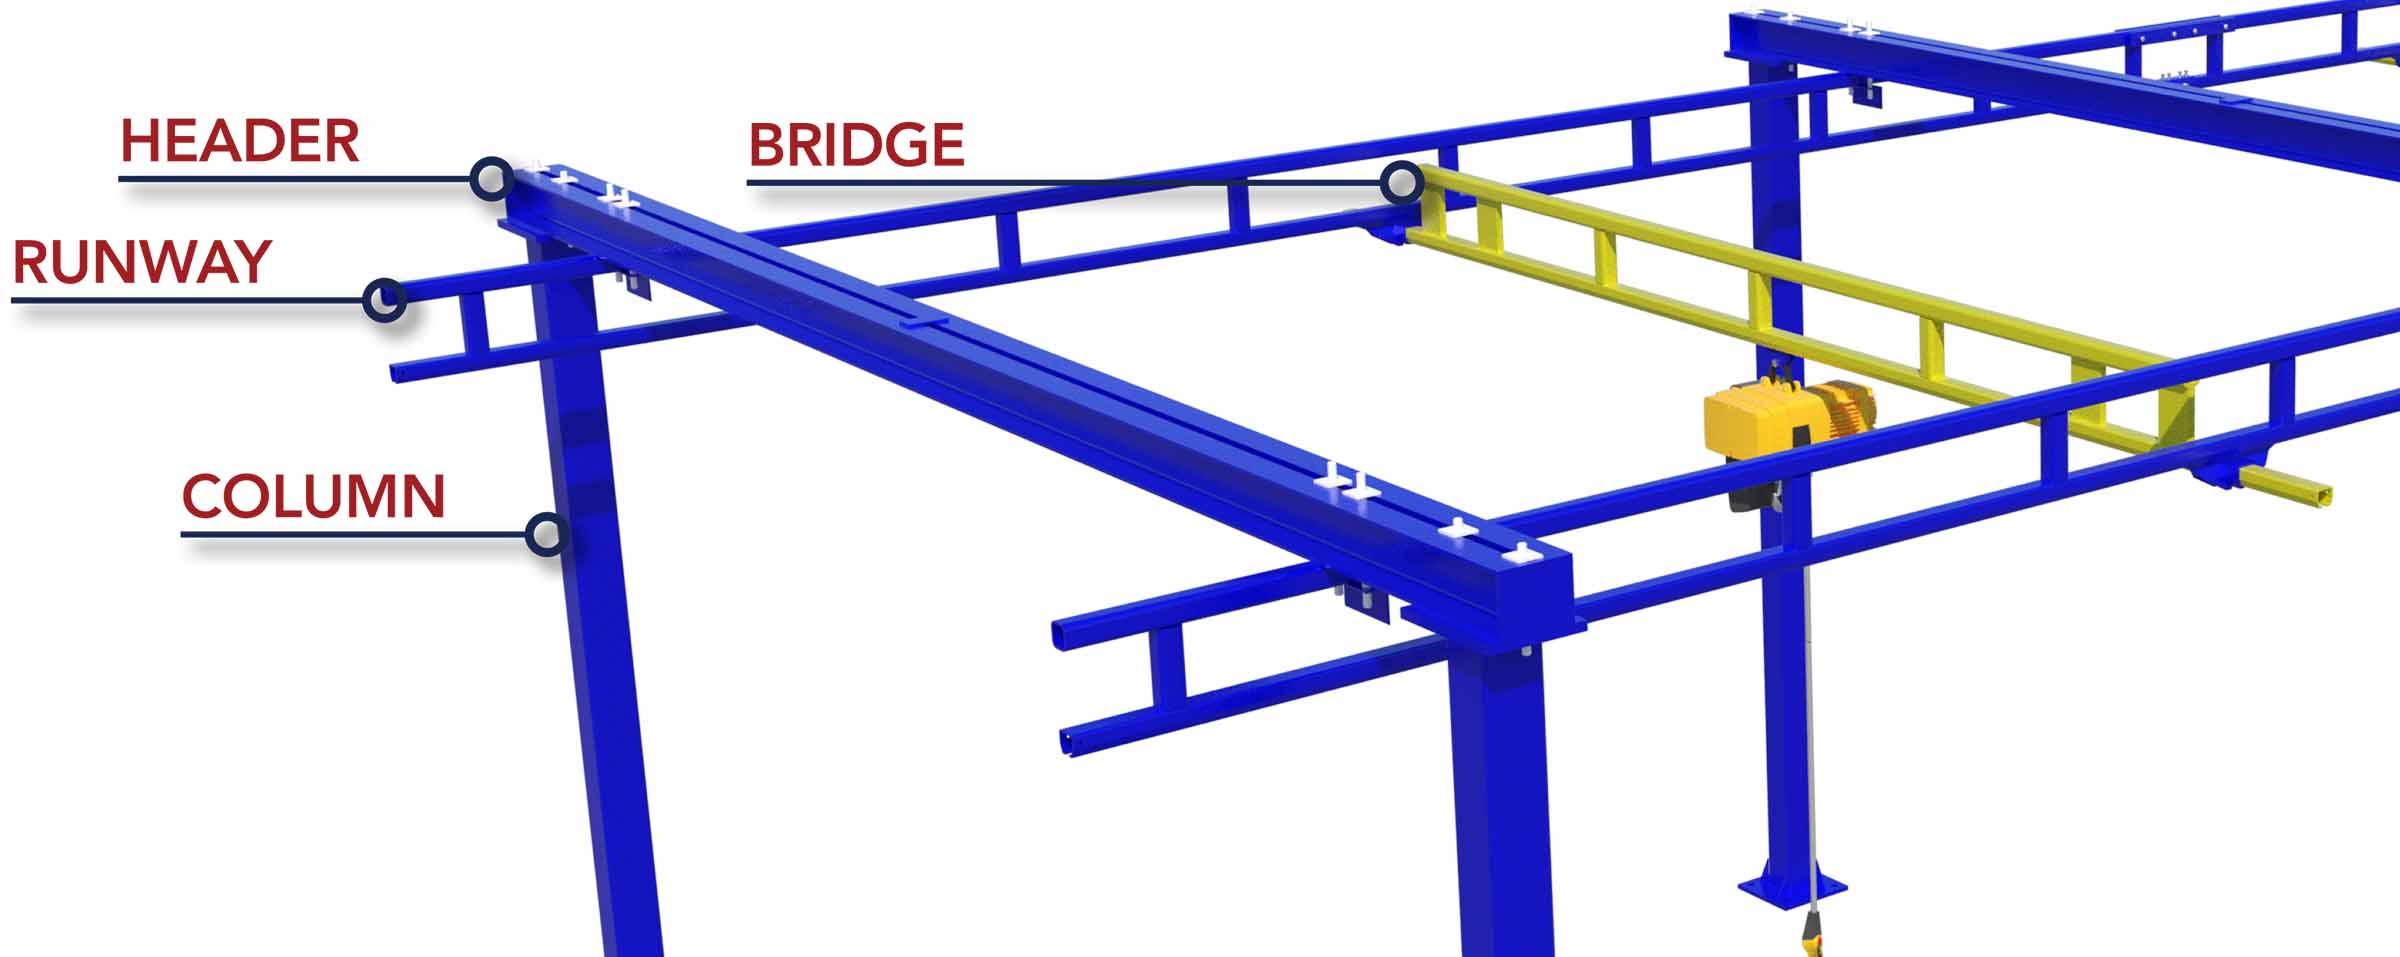 Bridge Crane Anatomy